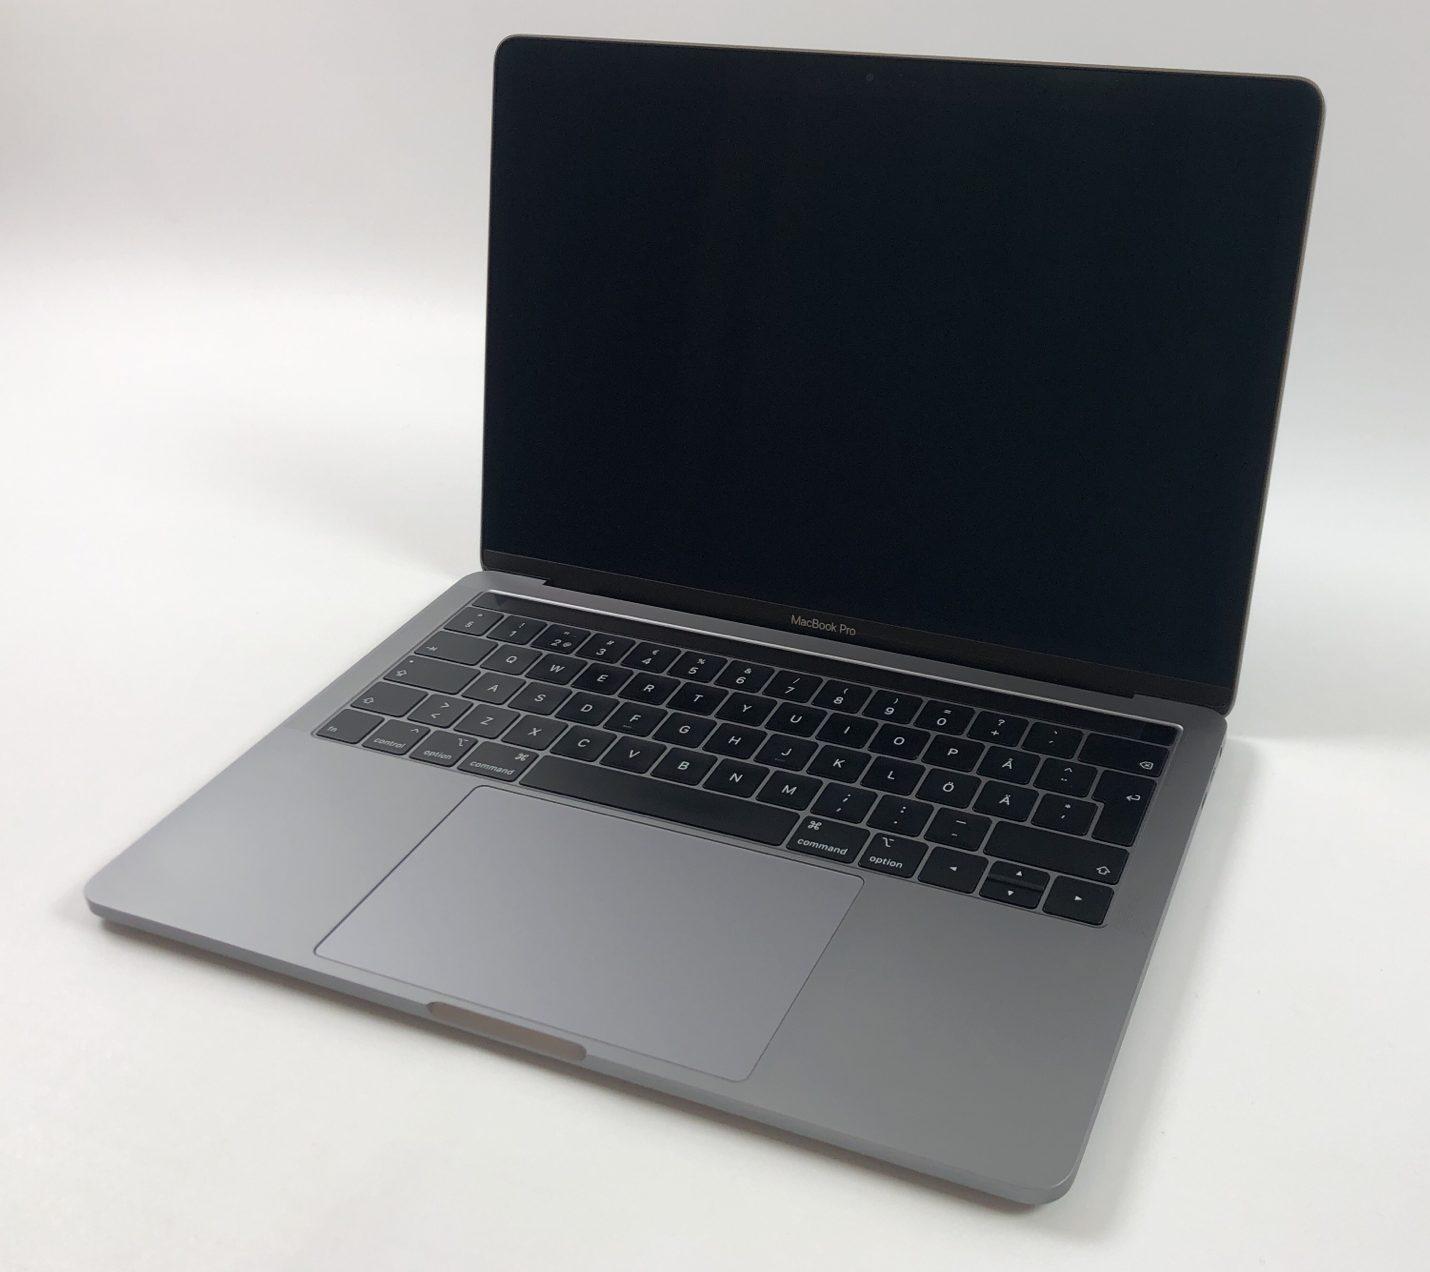 """MacBook Pro 13"""" 4TBT Mid 2018 (Intel Quad-Core i5 2.3 GHz 16 GB RAM 256 GB SSD), Space Gray, Intel Quad-Core i5 2.3 GHz, 16 GB RAM, 256 GB SSD, bild 1"""